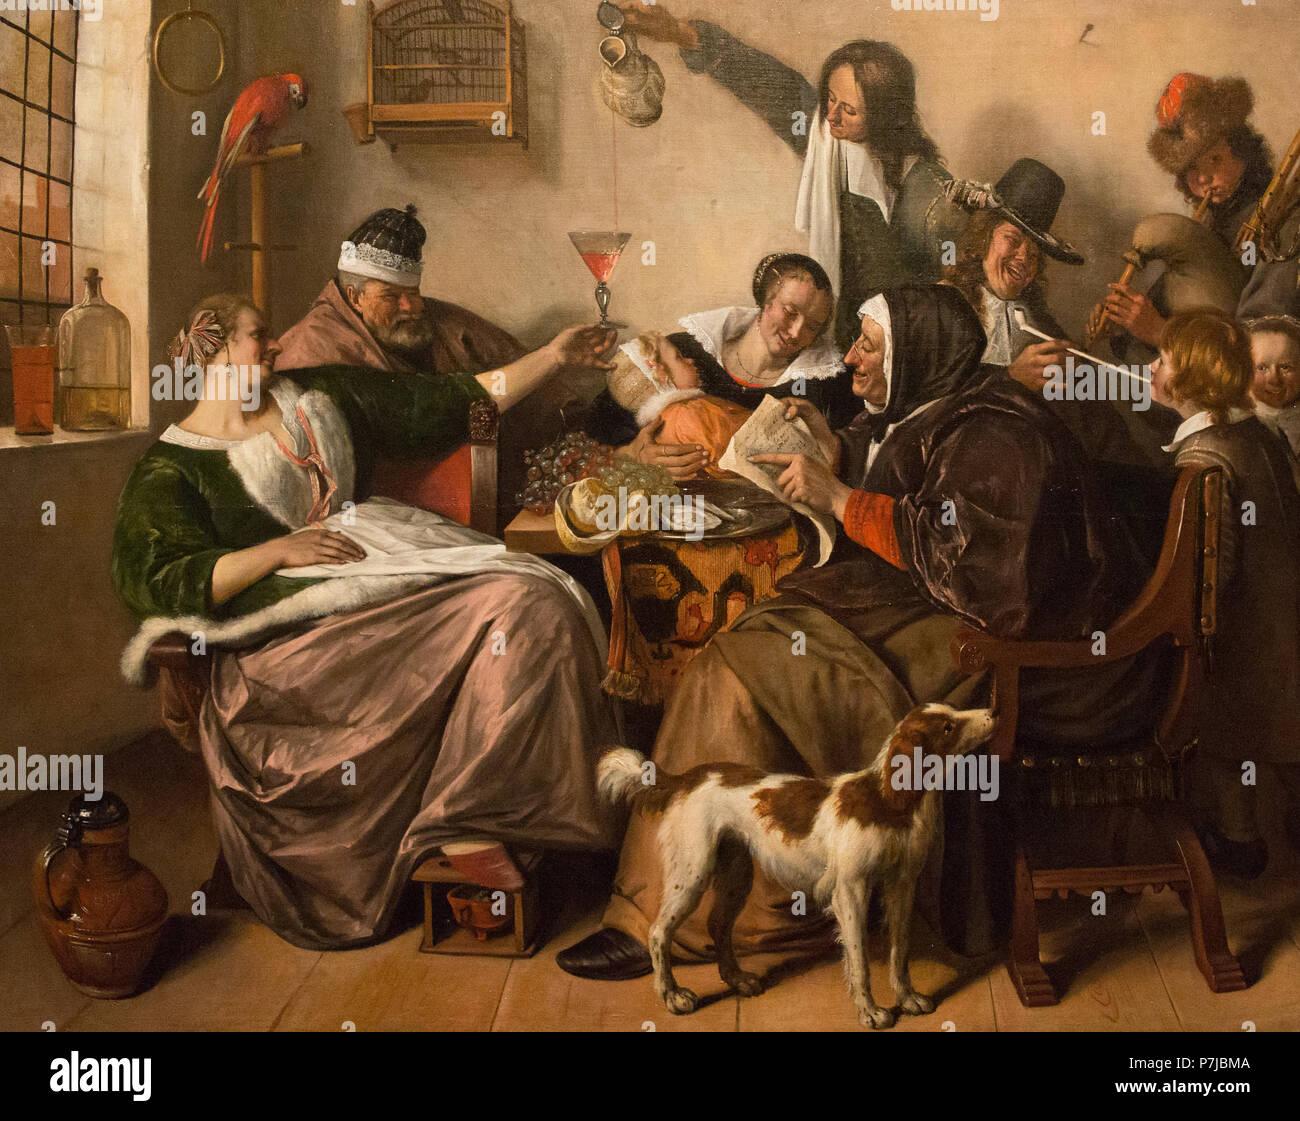 Jan Steen -como el antiguo tubo de cantar, así los jóvenes - c.1665 Imagen De Stock